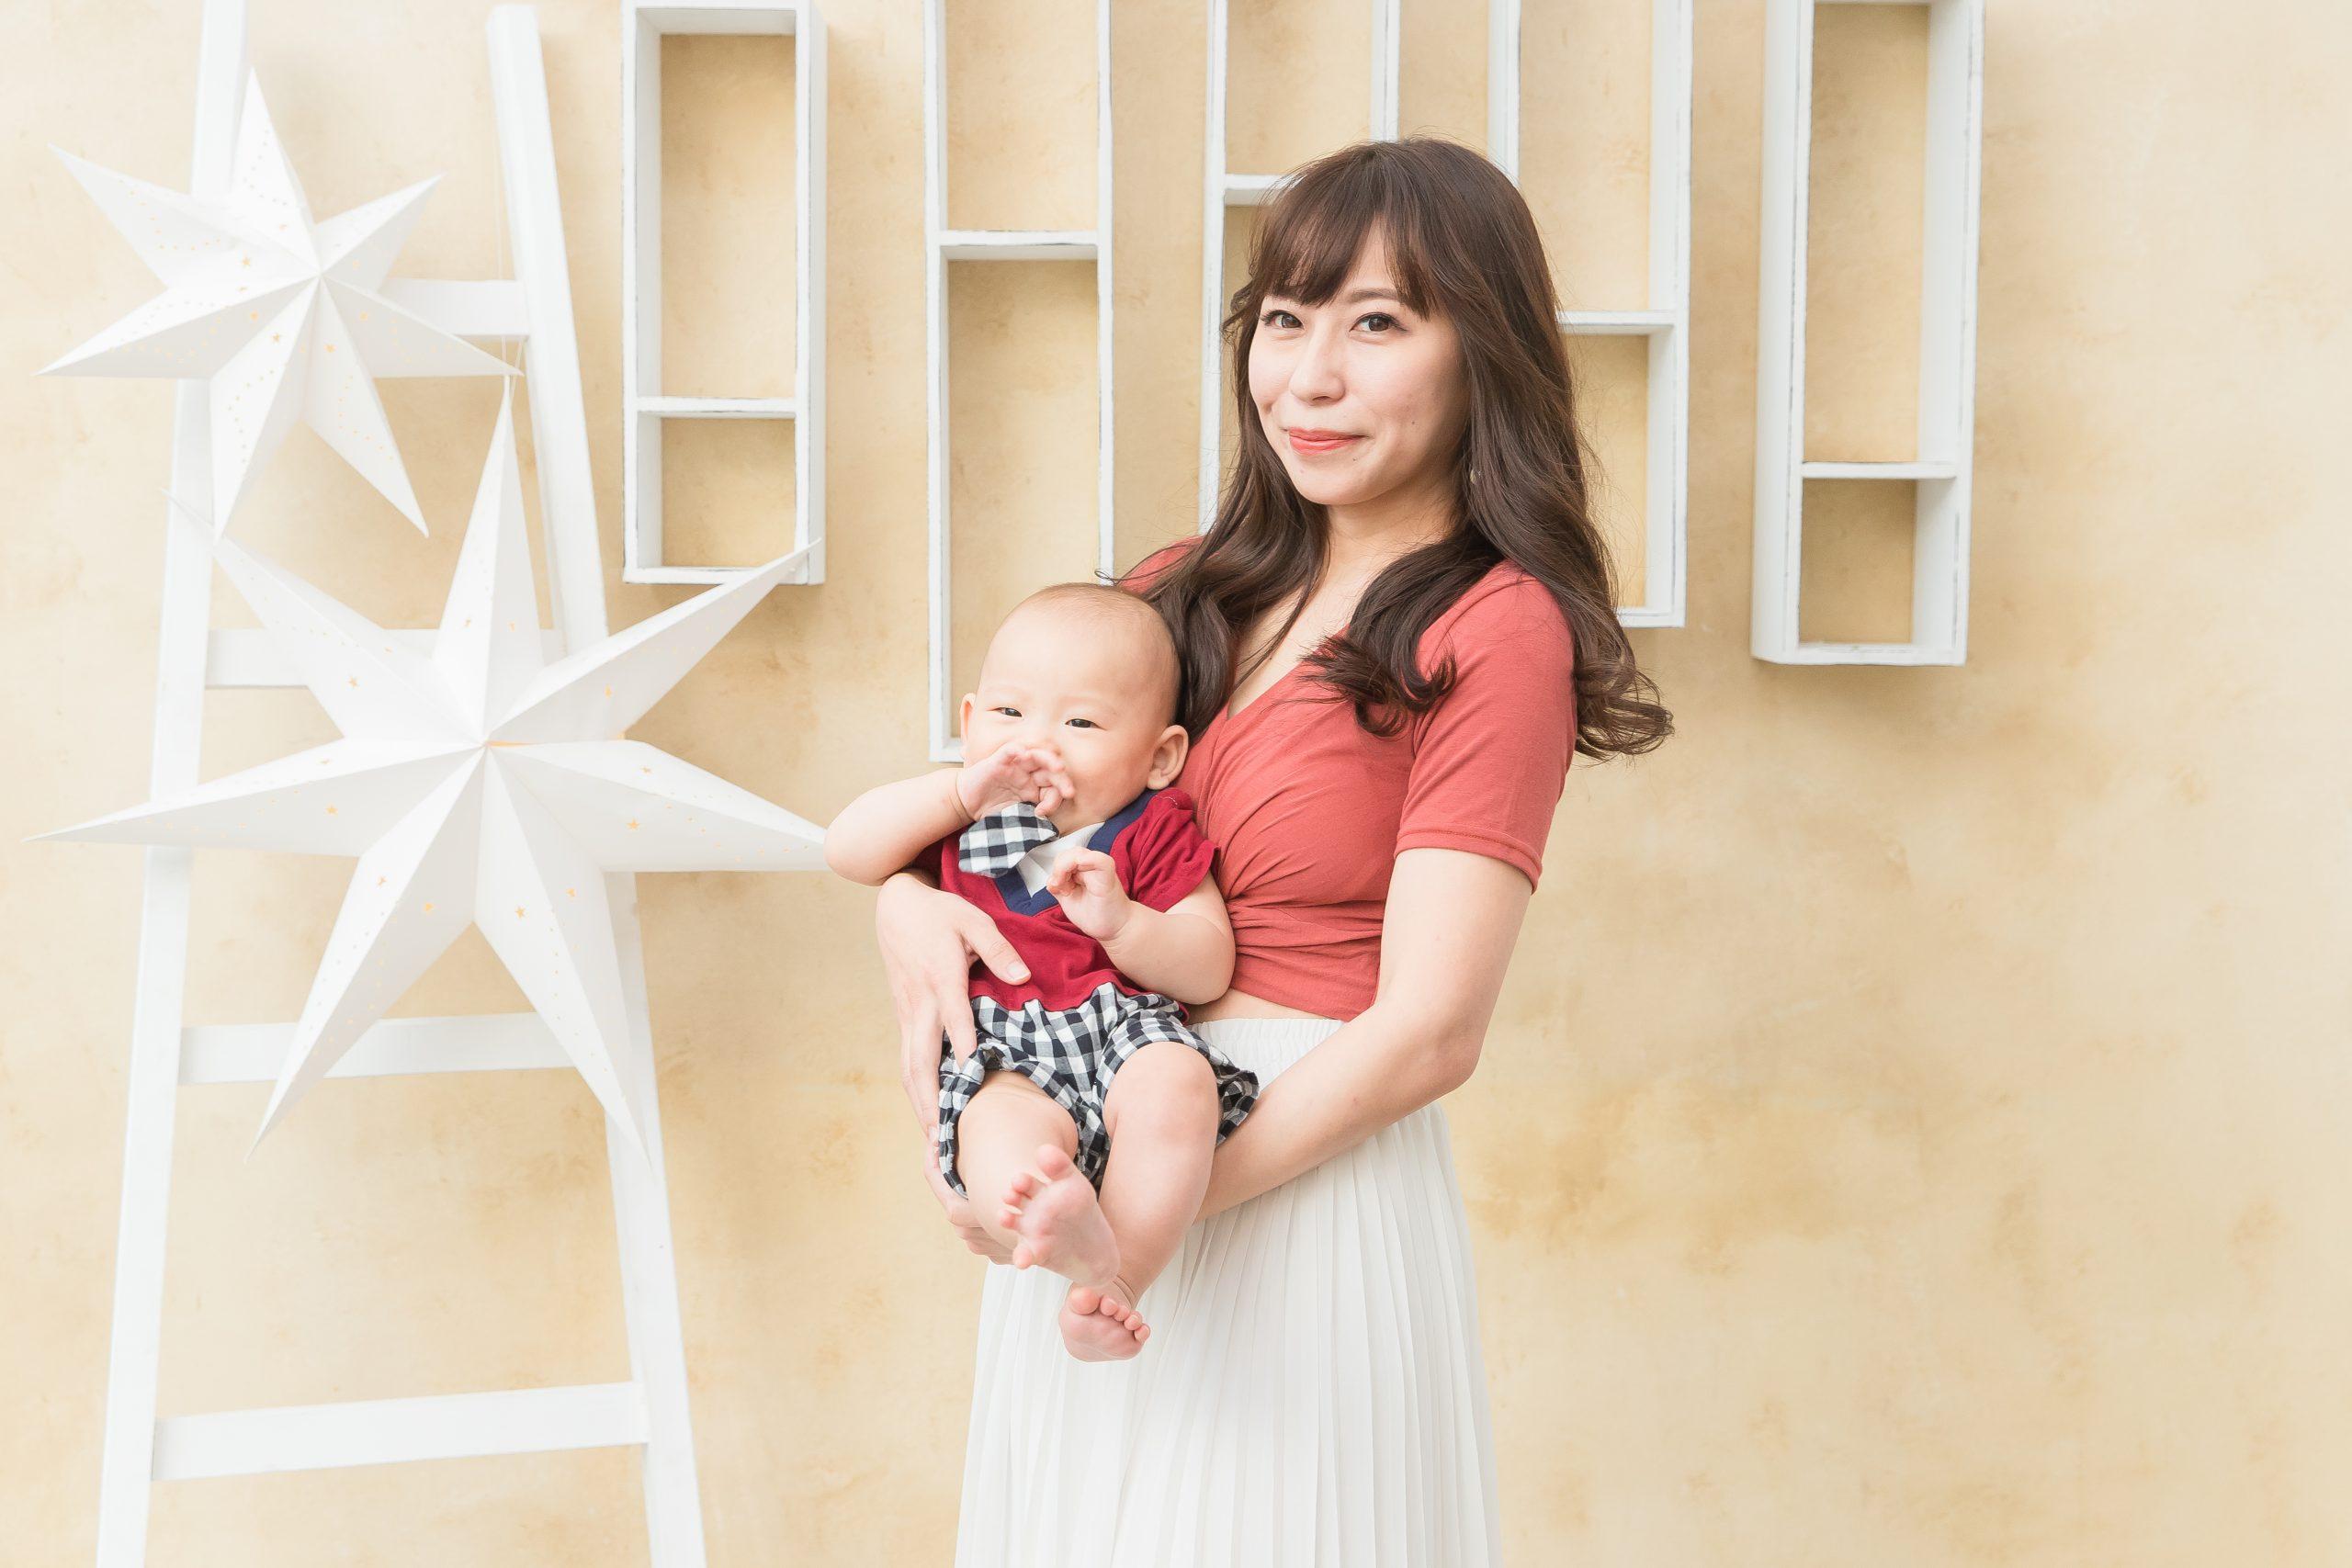 【育兒日記】媽媽真偉大,當媽後才能理解這篇文章,那個為了小孩徹底改變的我們… @小環妞 幸福足跡